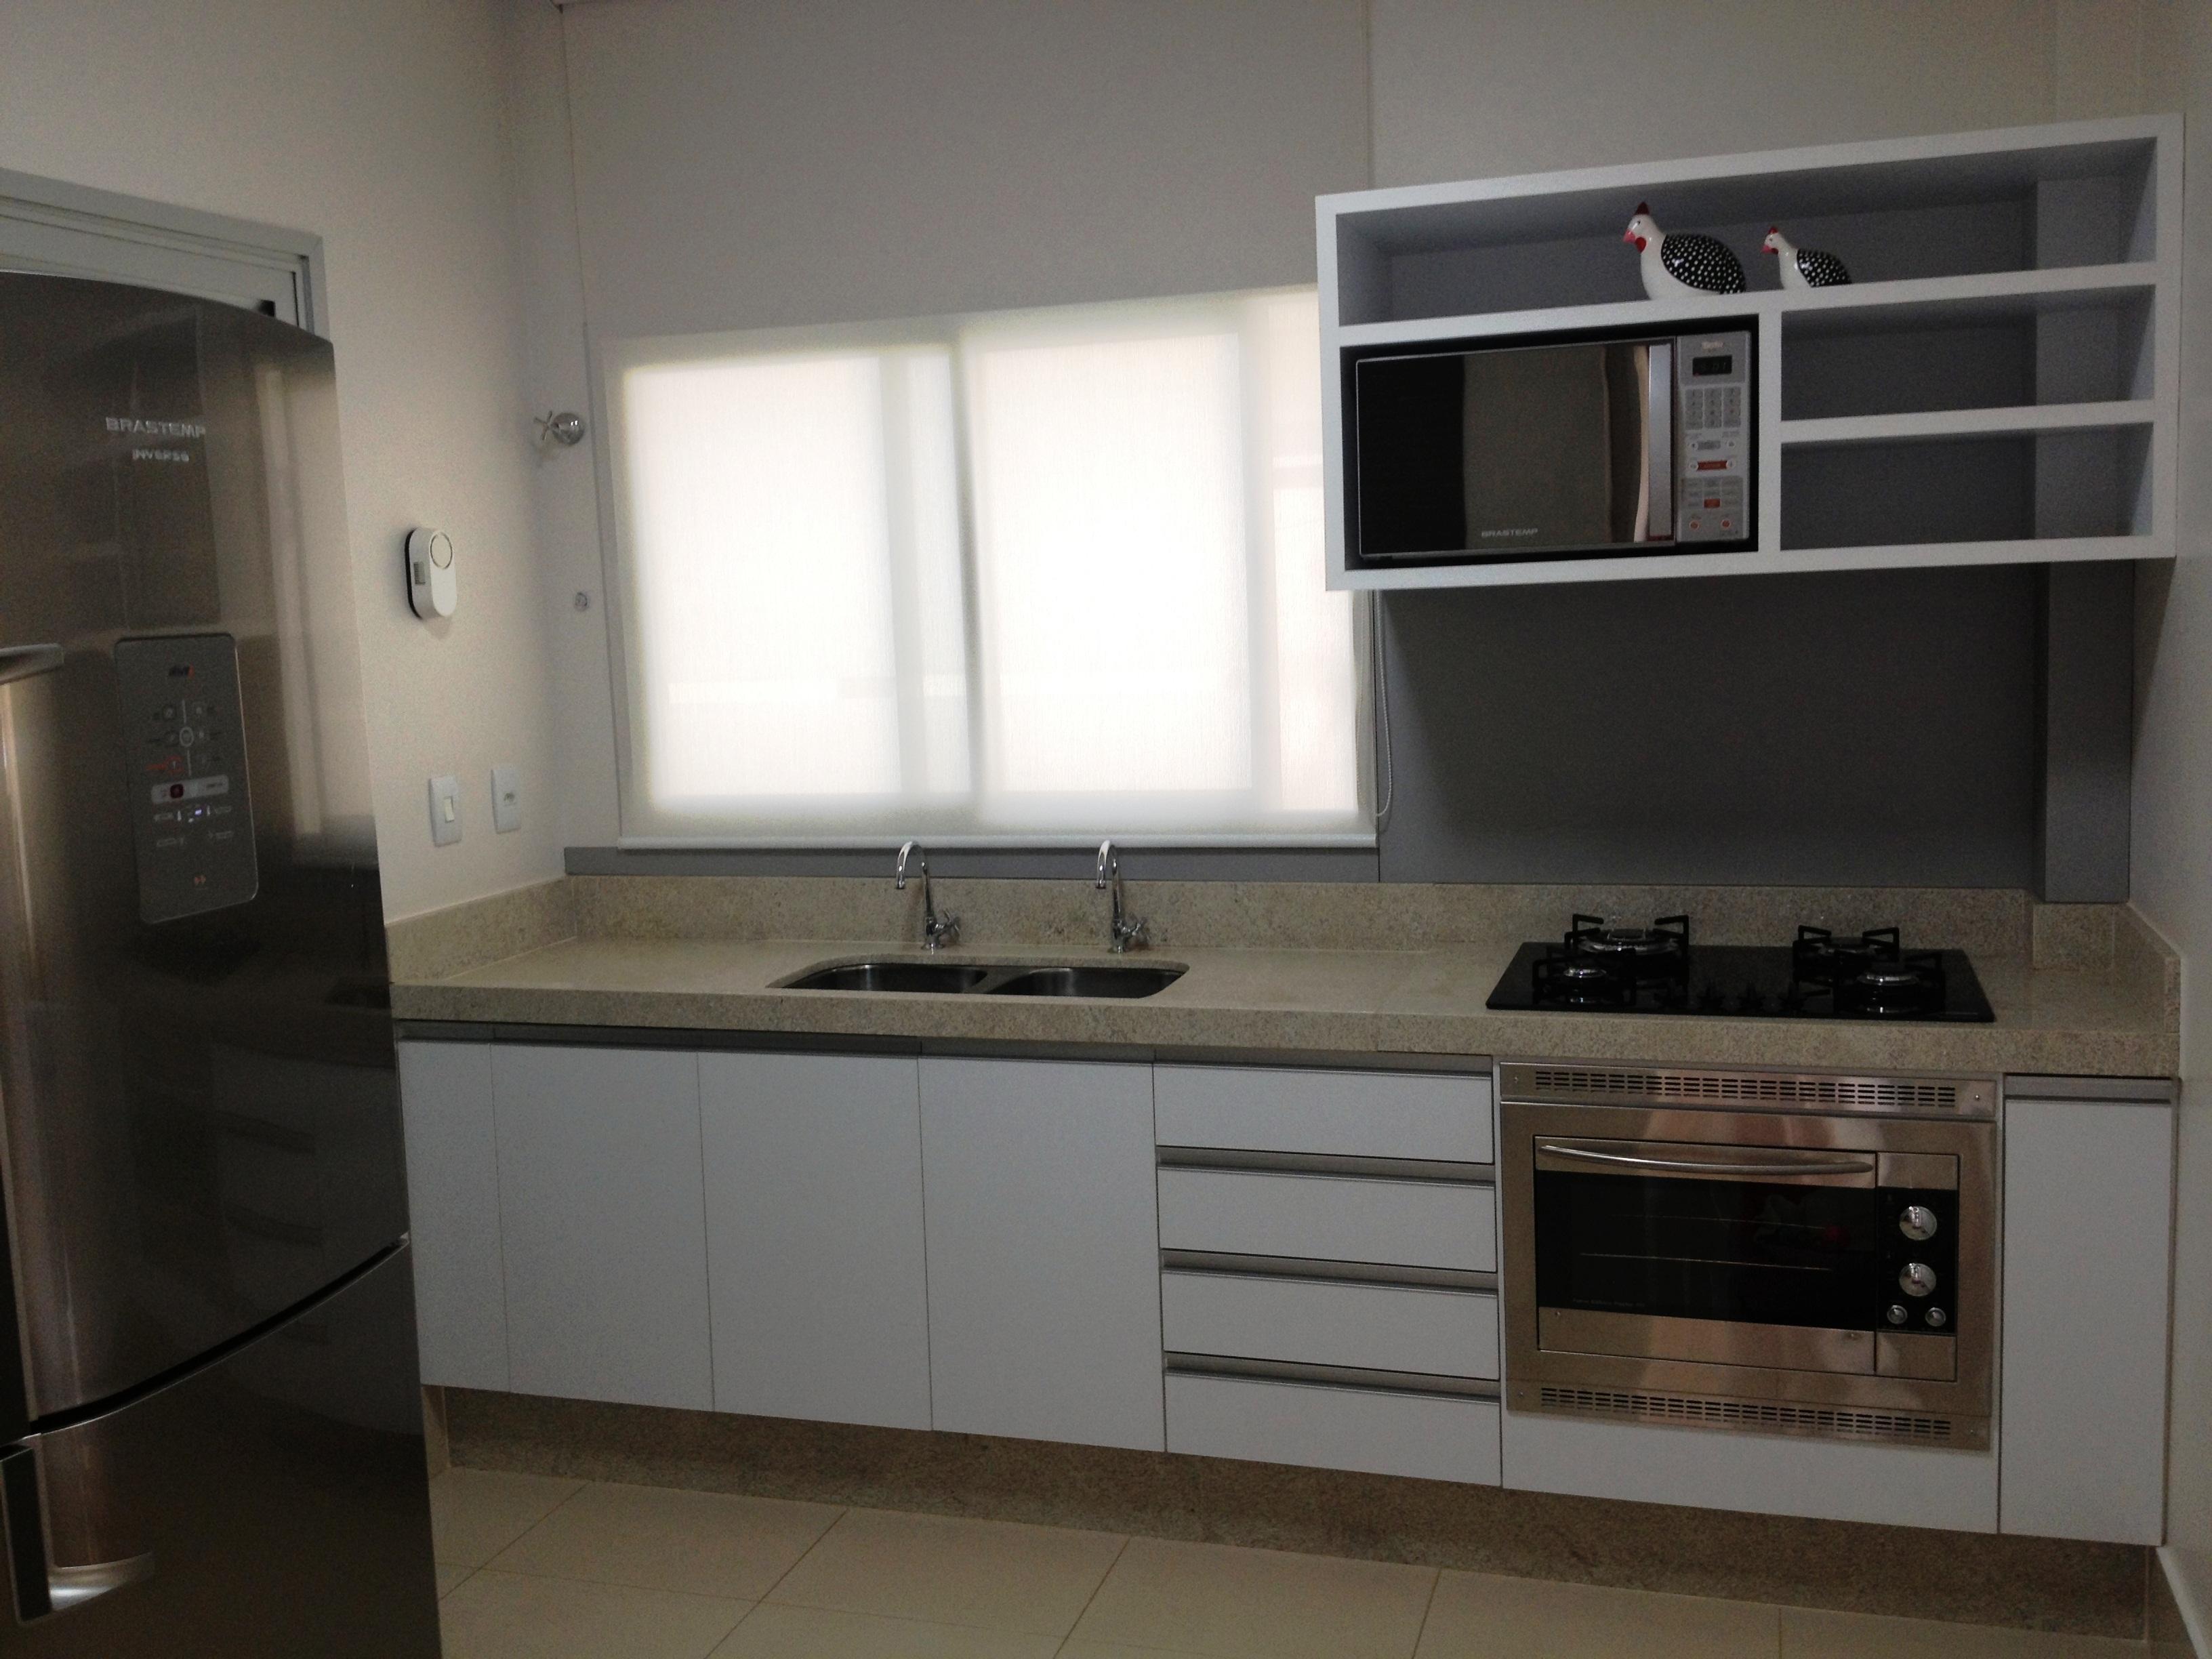 Projeto de Interiores – Cozinha Residencial  #5B5041 3264 2448